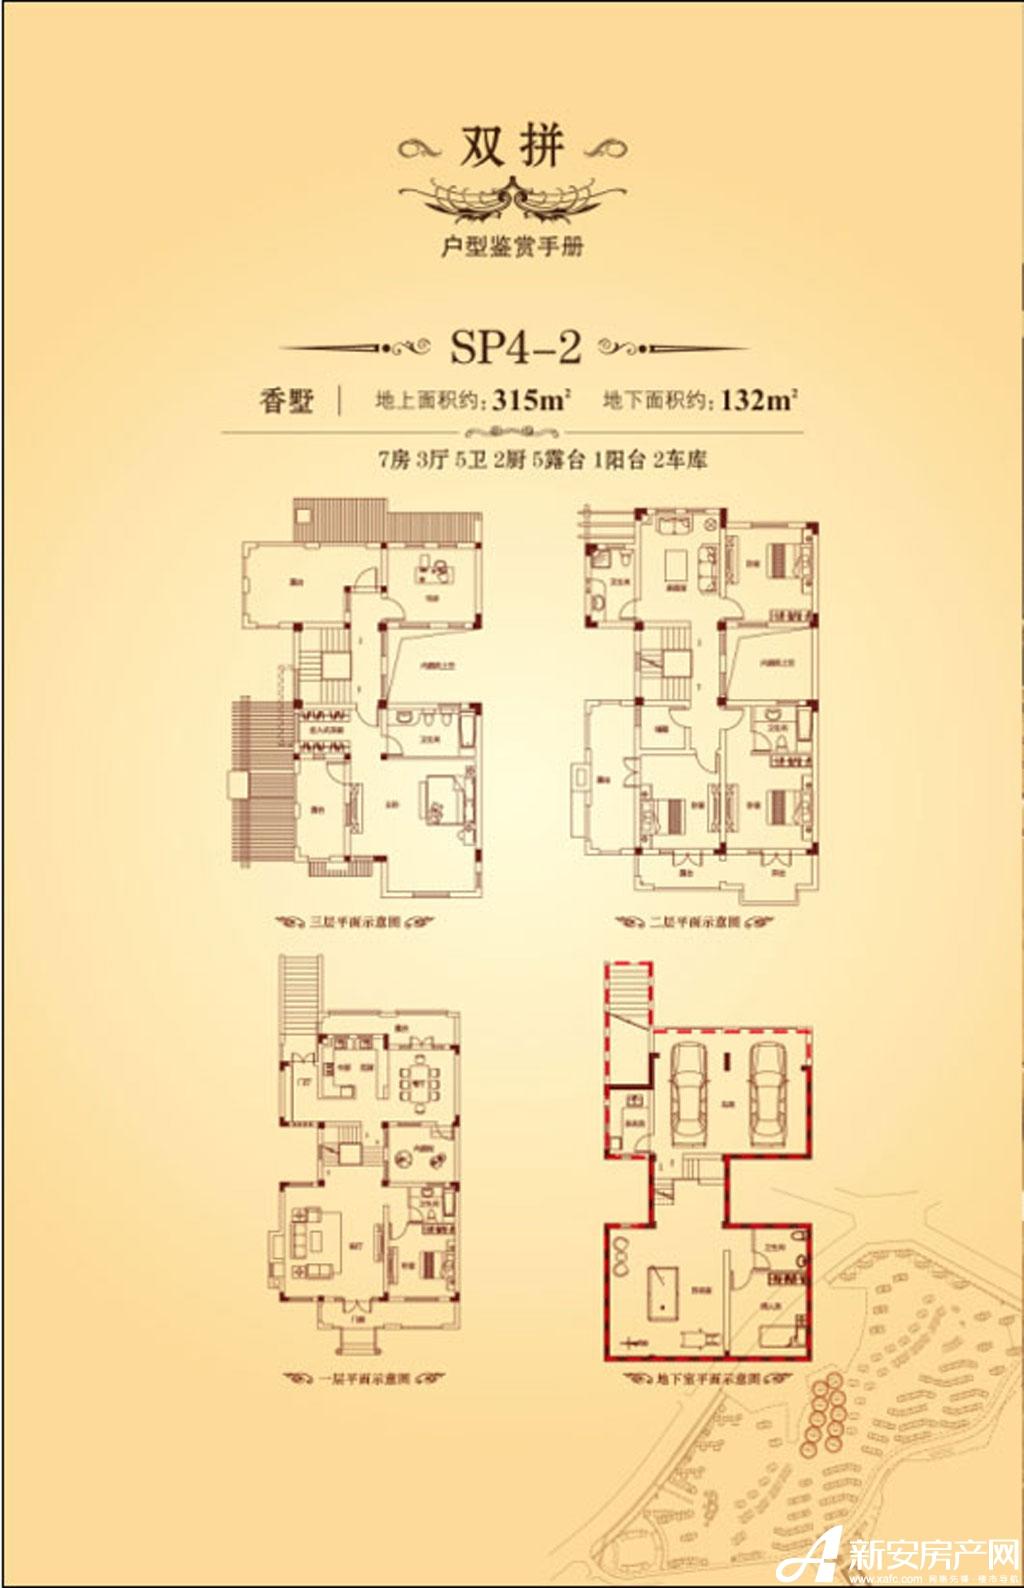 高速铜都天地SP4-2户型7室3厅447平米